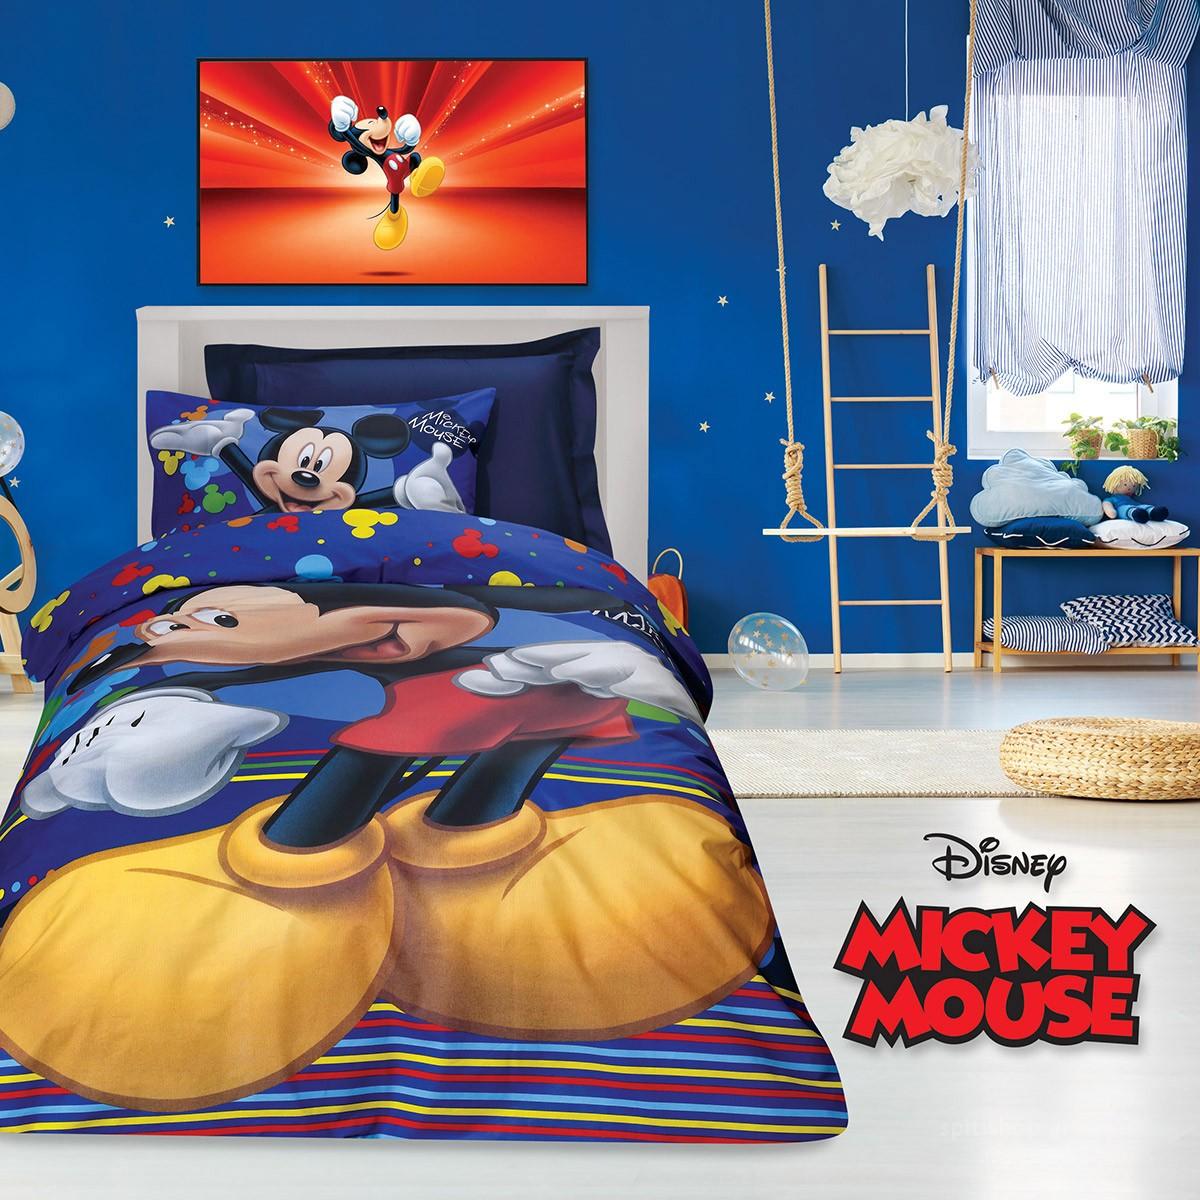 Σεντόνια Μονά (Σετ) Das Home MiCkey MoUse 5011 89778